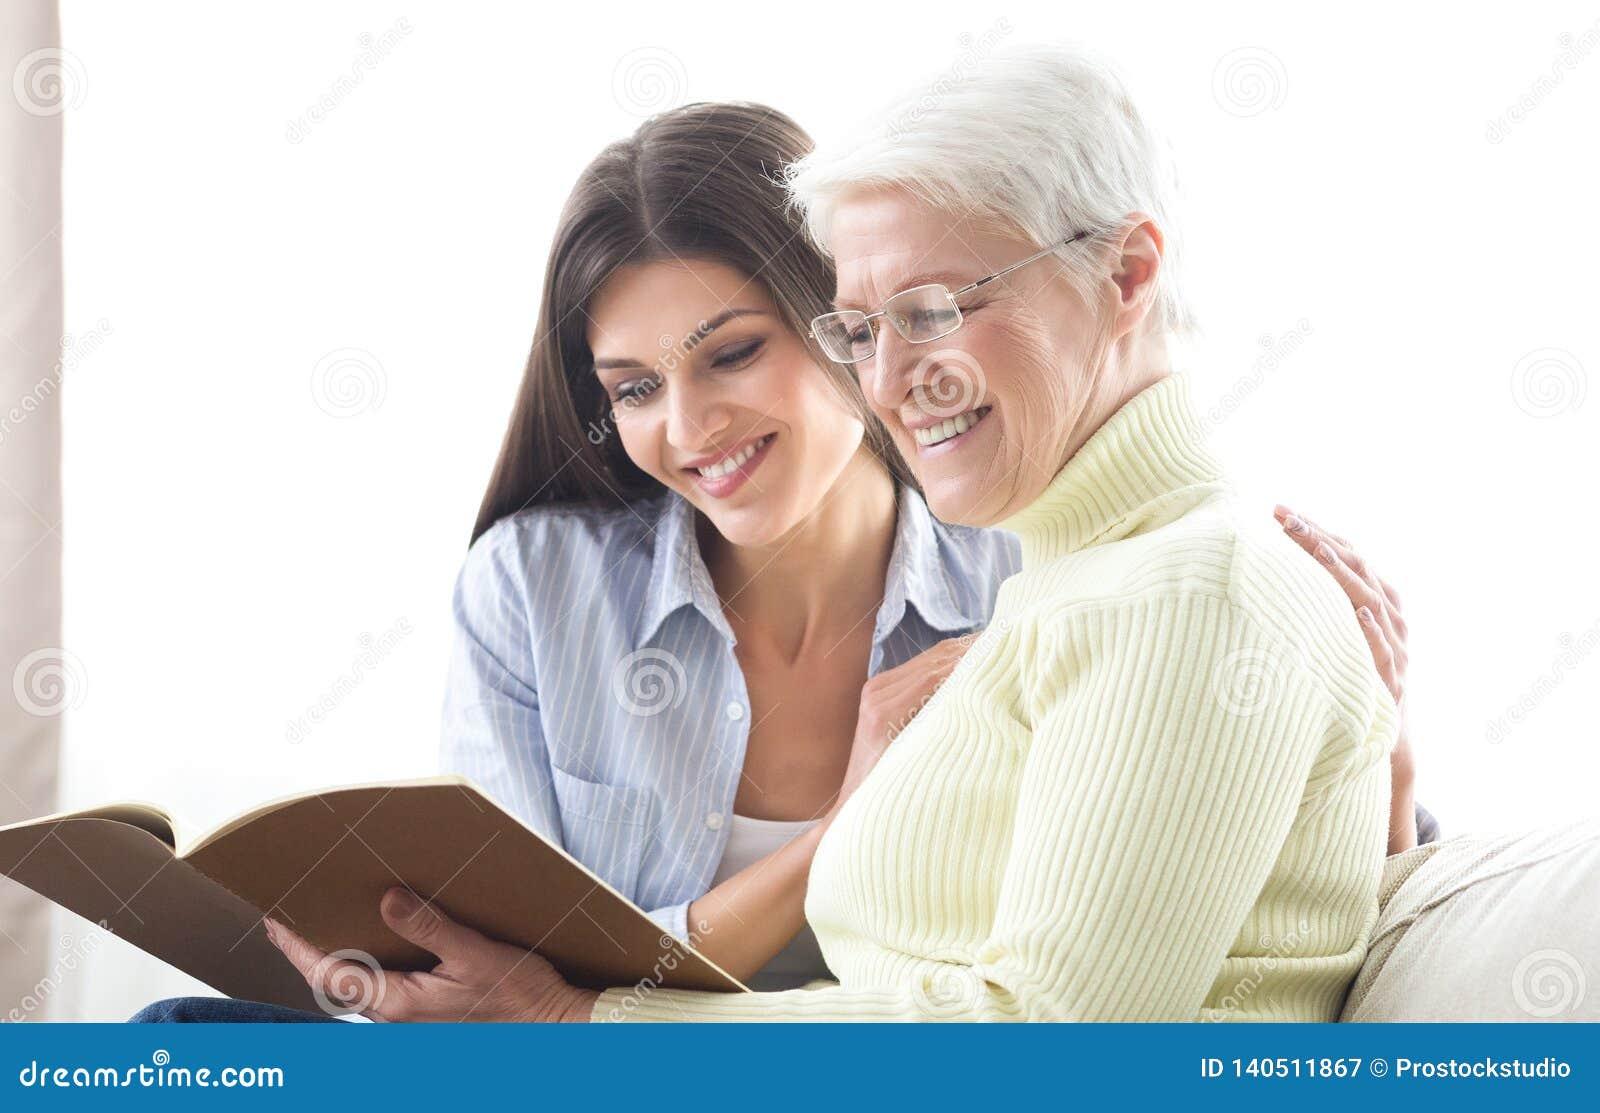 Hogere moeder en dochter die catalogus, die nieuw huis zoeken kijken